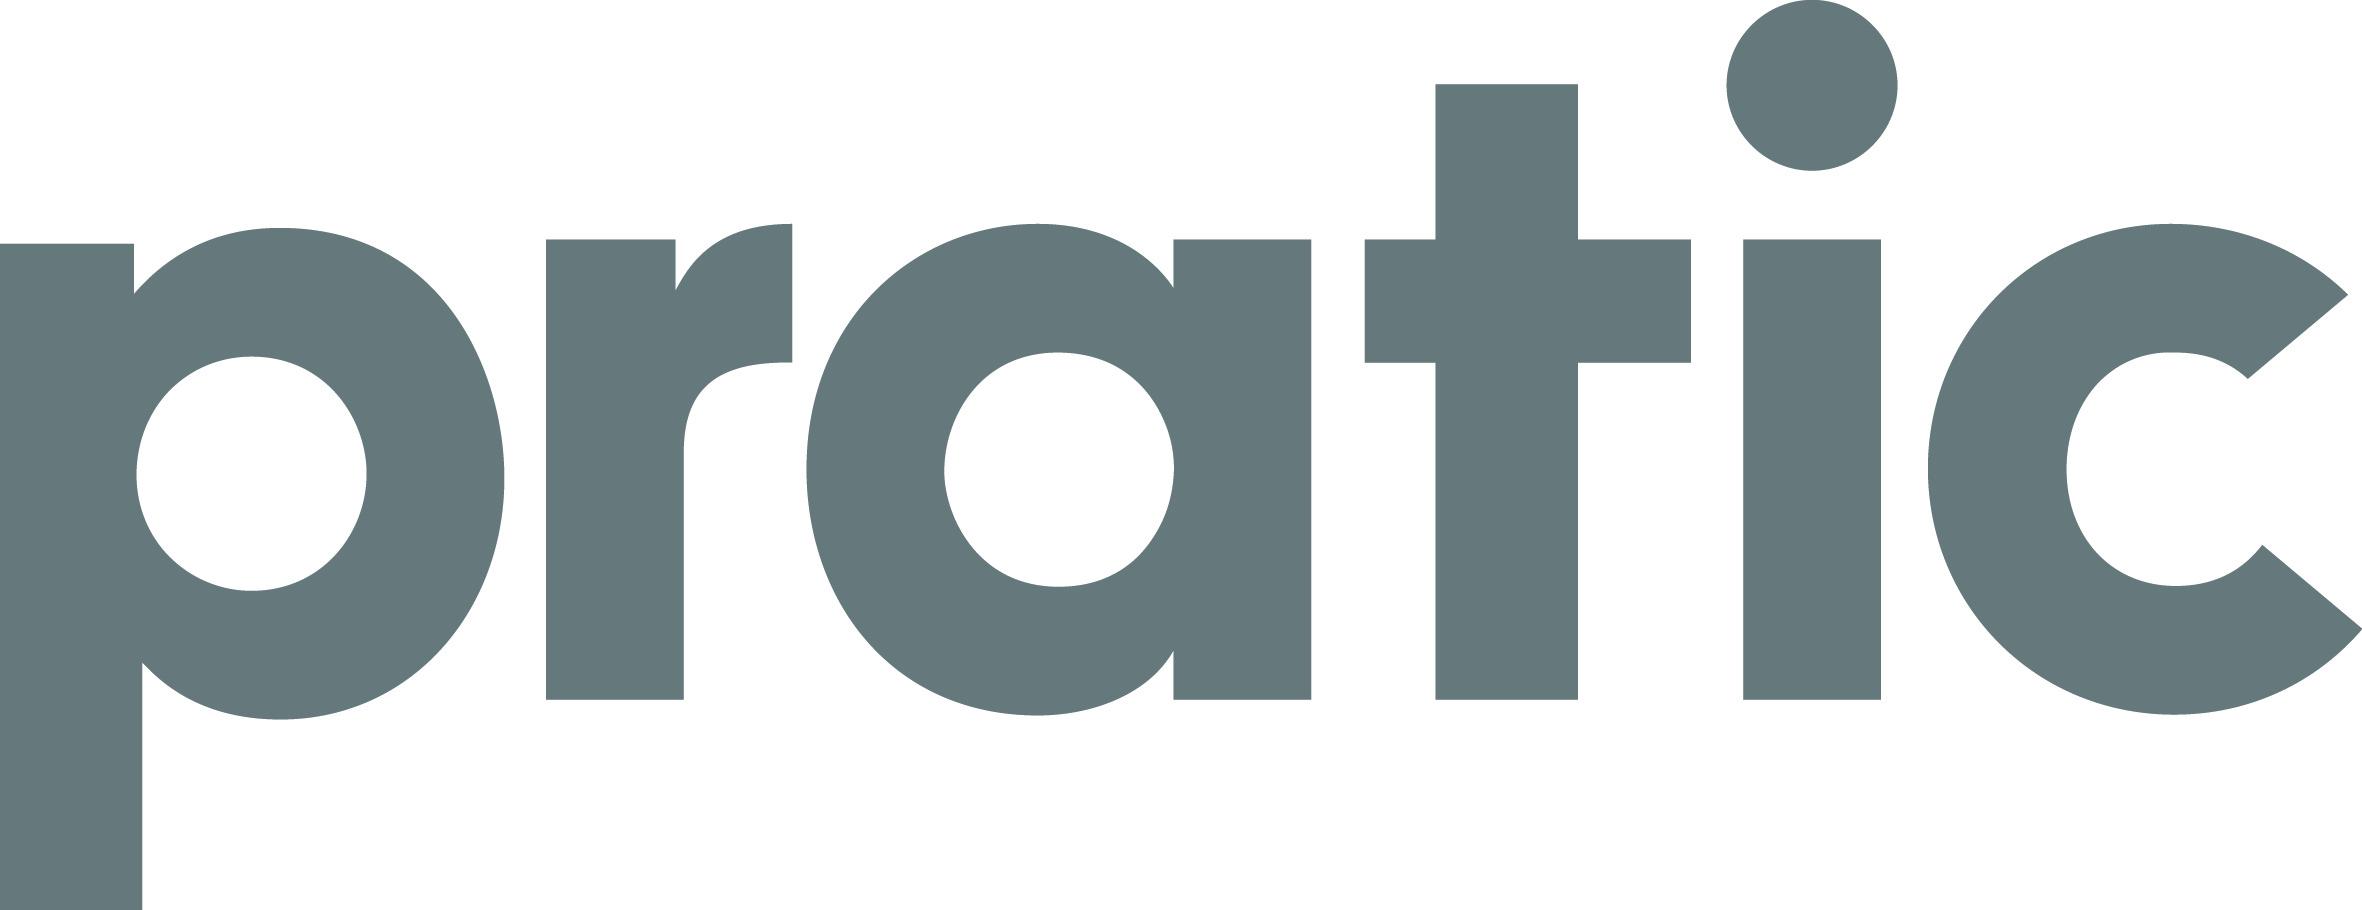 PRATIC_logo_Pantone